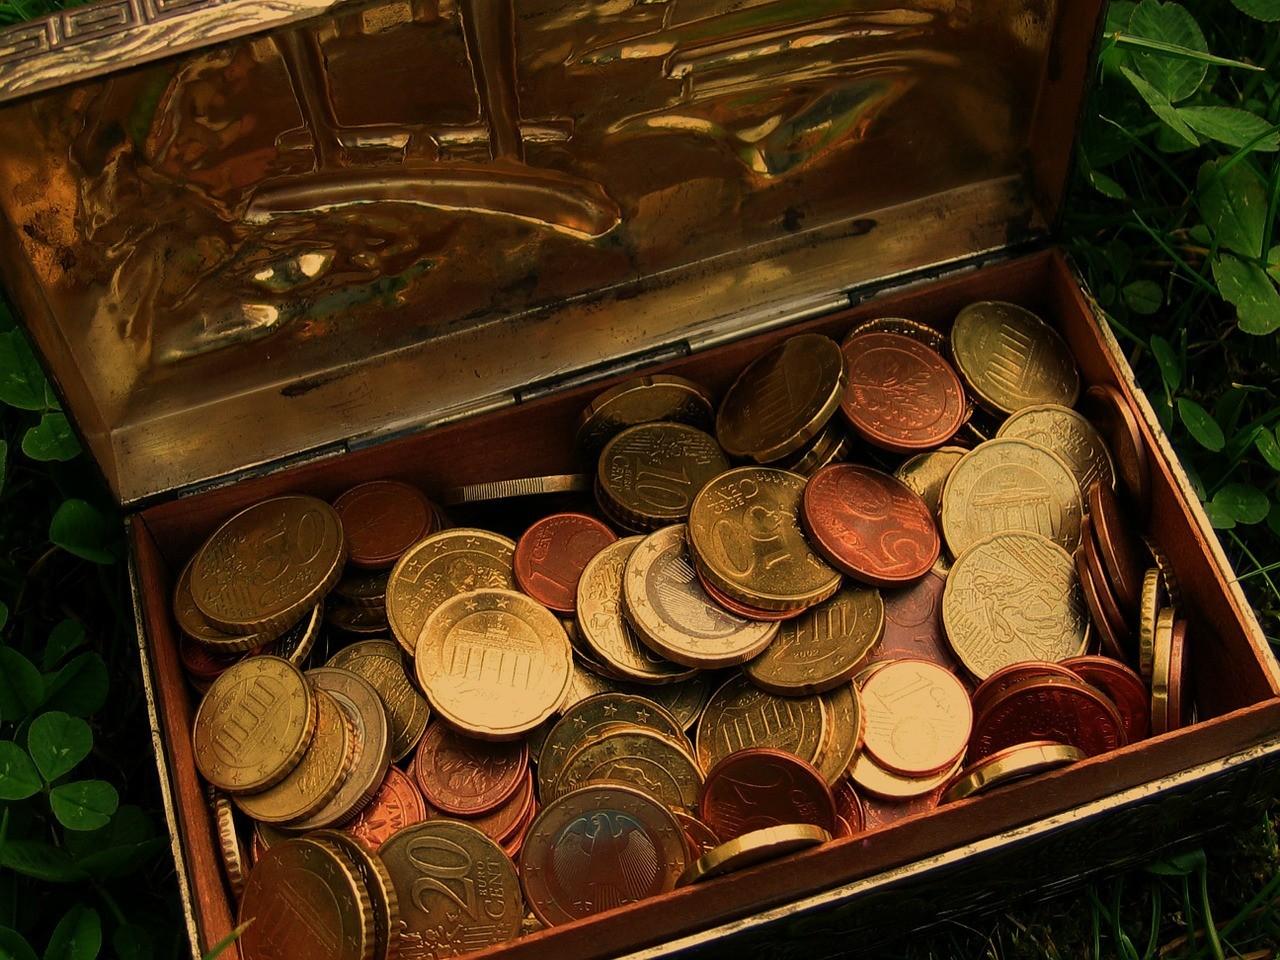 Münzen würfeln